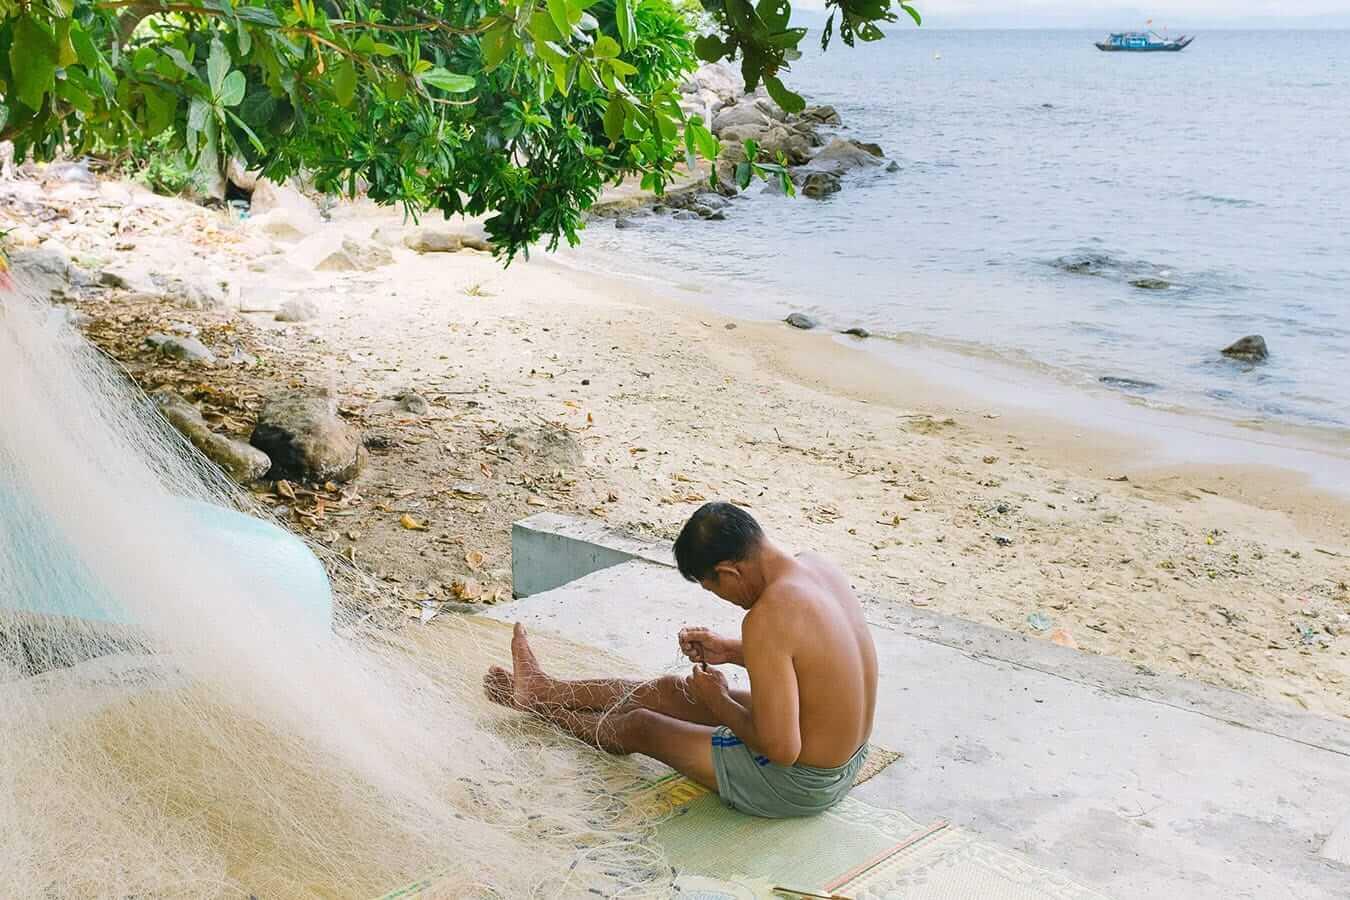 Fisherman repairs net, Cham Islands